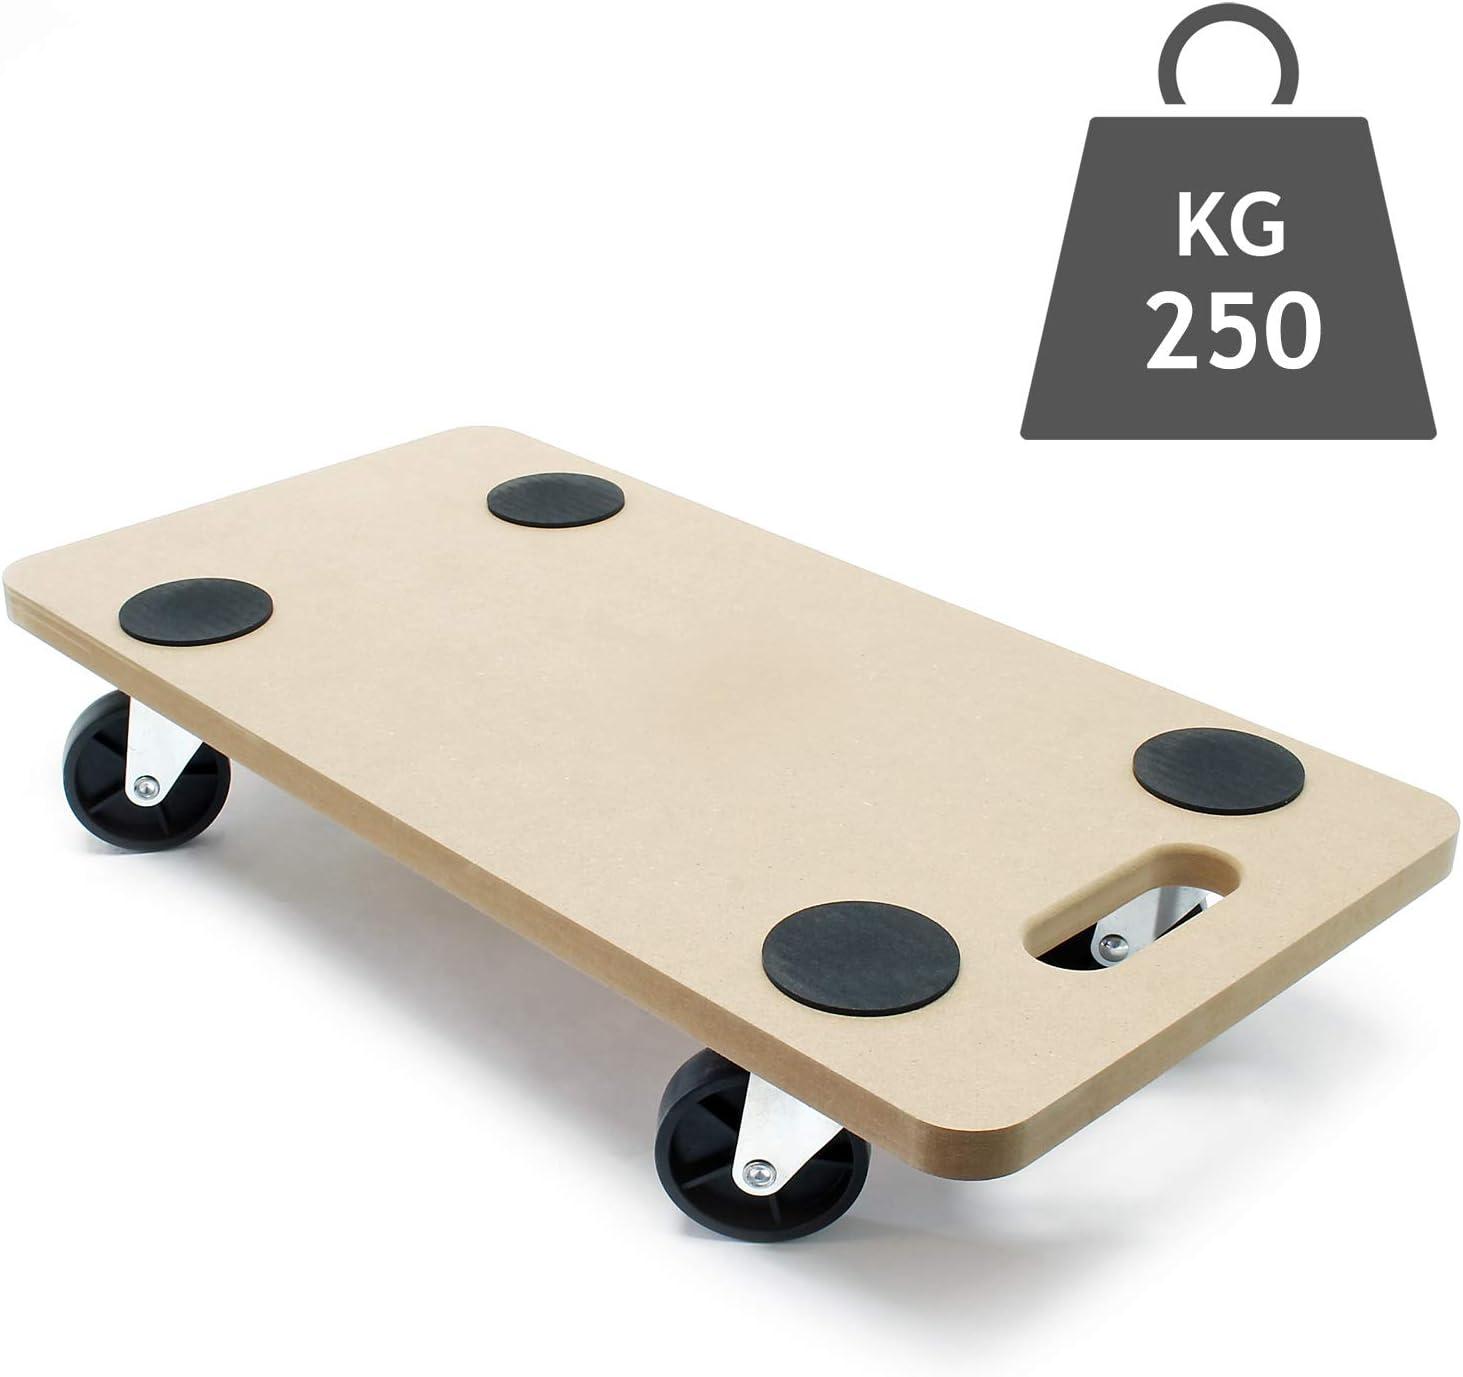 Chariot de transport /à roulettes pour Meuble Charge lourde Plaque MDF 580x290mm 250 kg D/ém/énagement